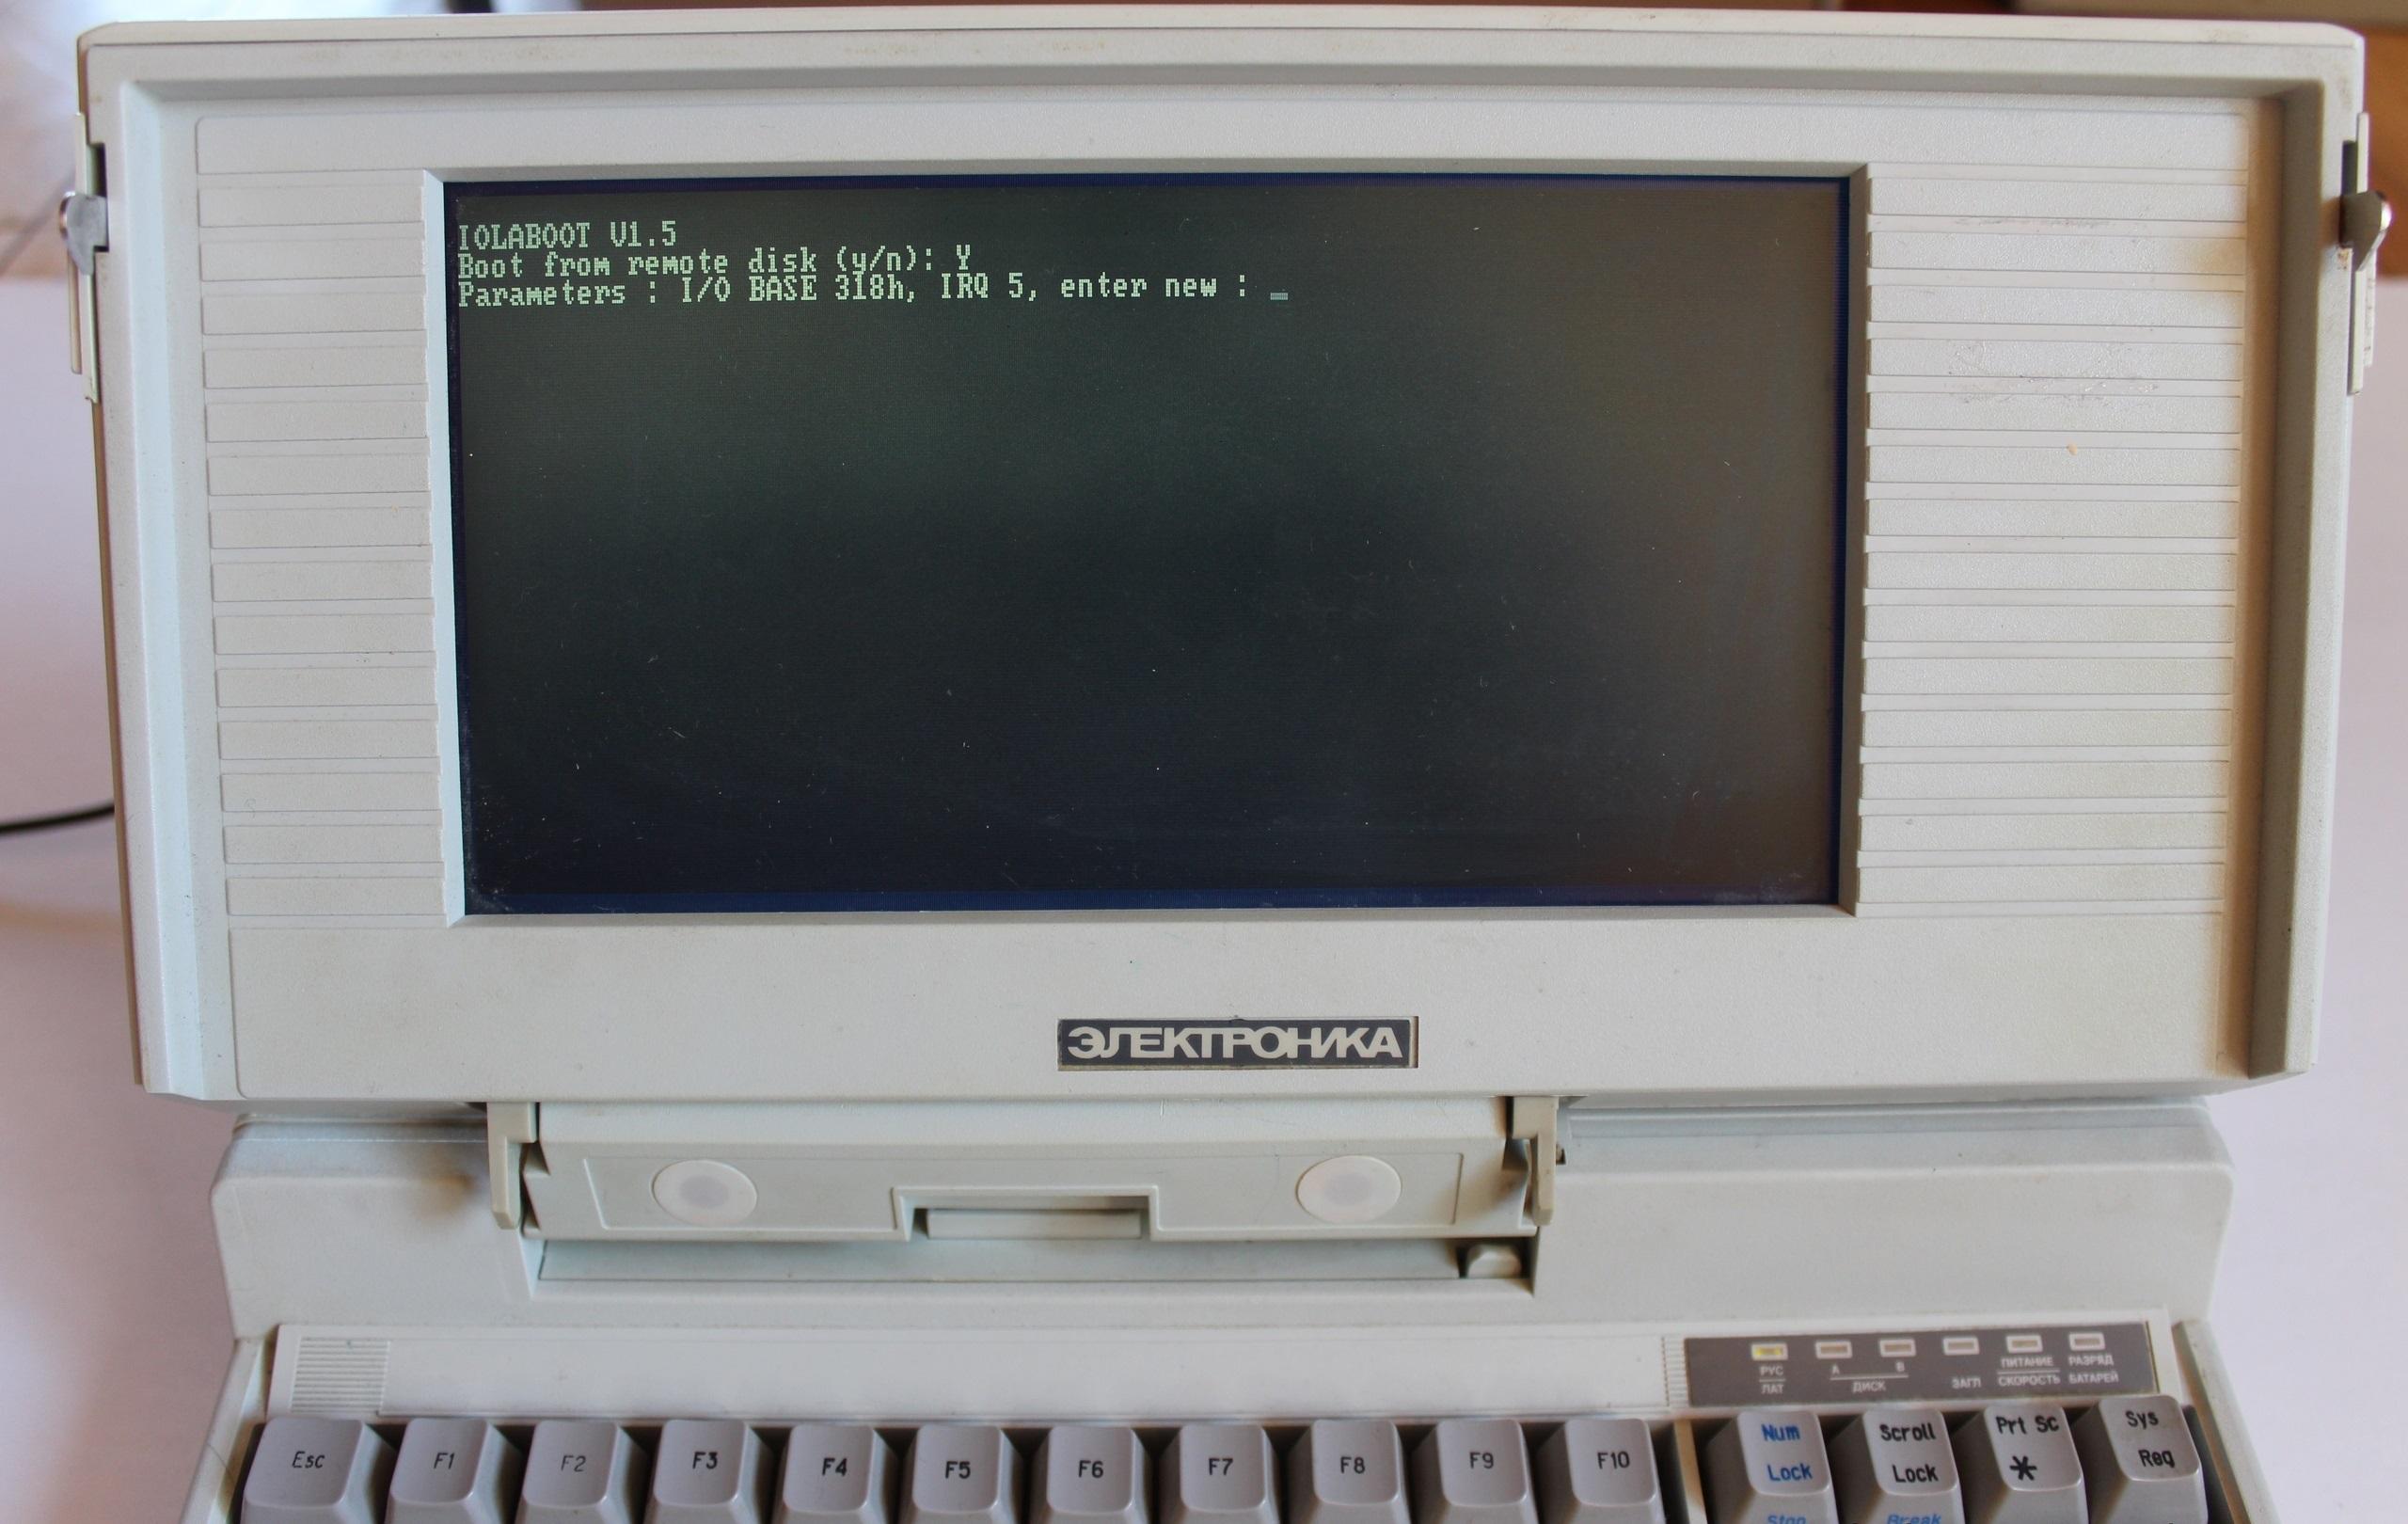 Начальный экран загрузки ноутбука по сети в варианте с сетевой картой